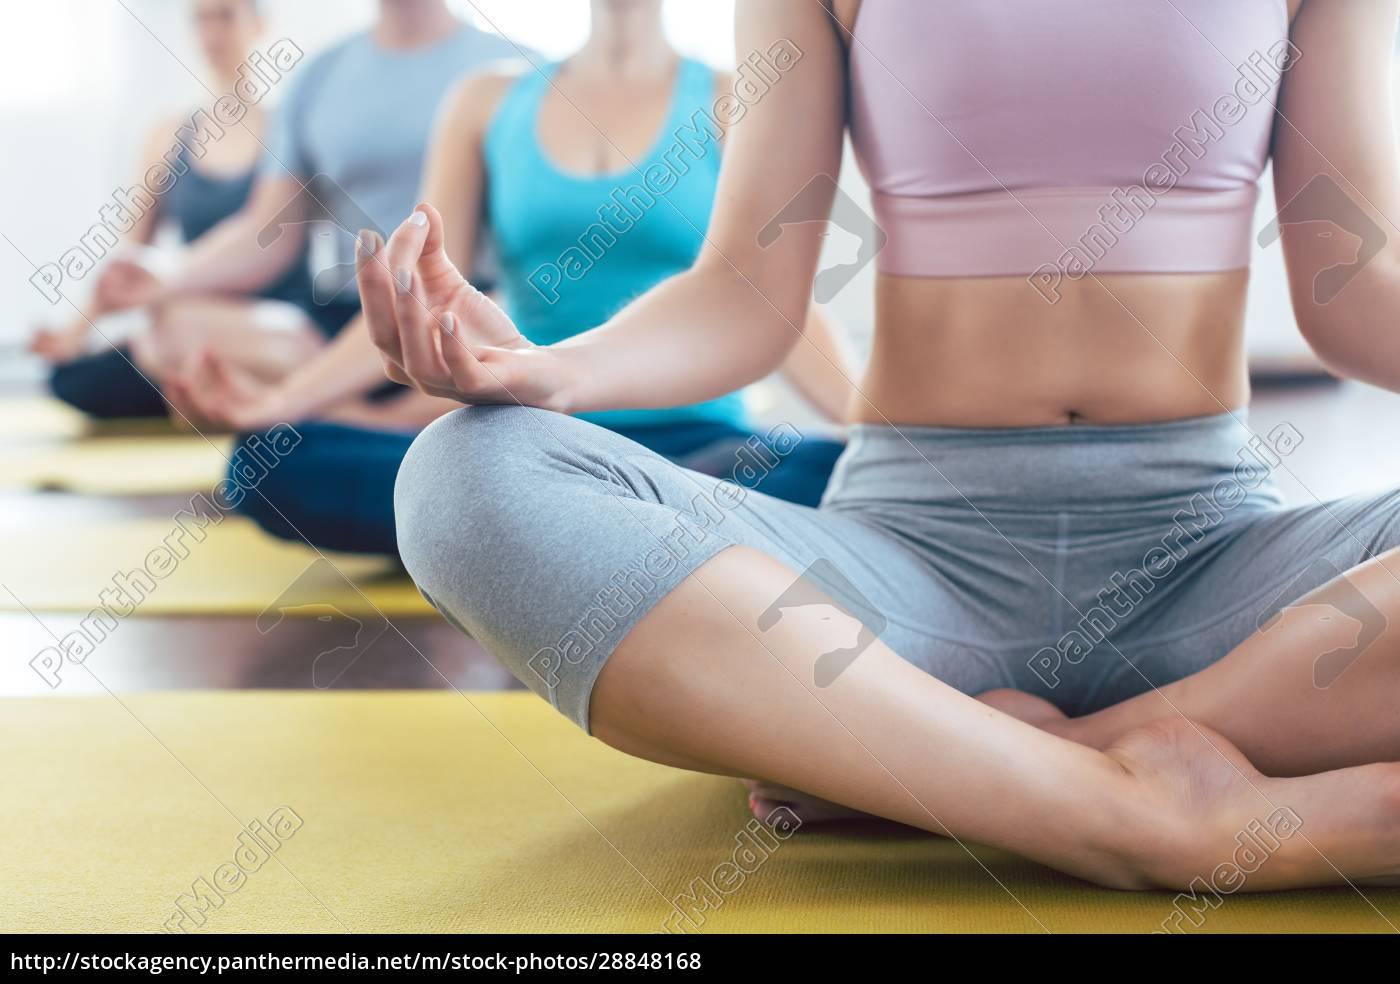 ludzie, medytujący, podczas, jogi, w, łatwej - 28848168